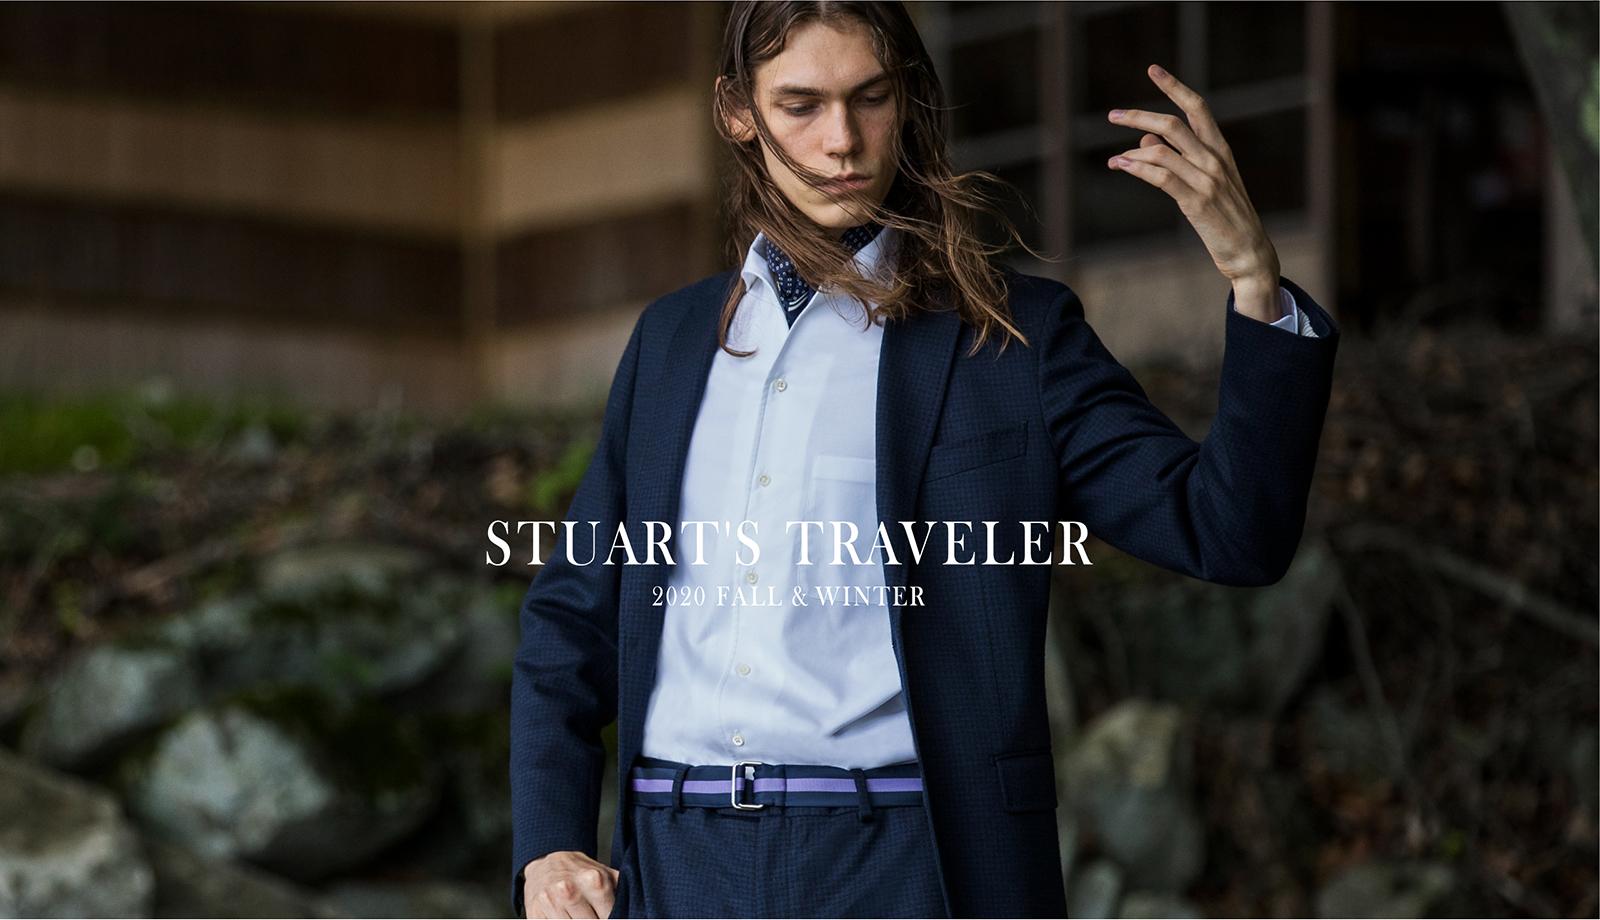 STUART'S TRAVELER 2020 FALL & WINTER